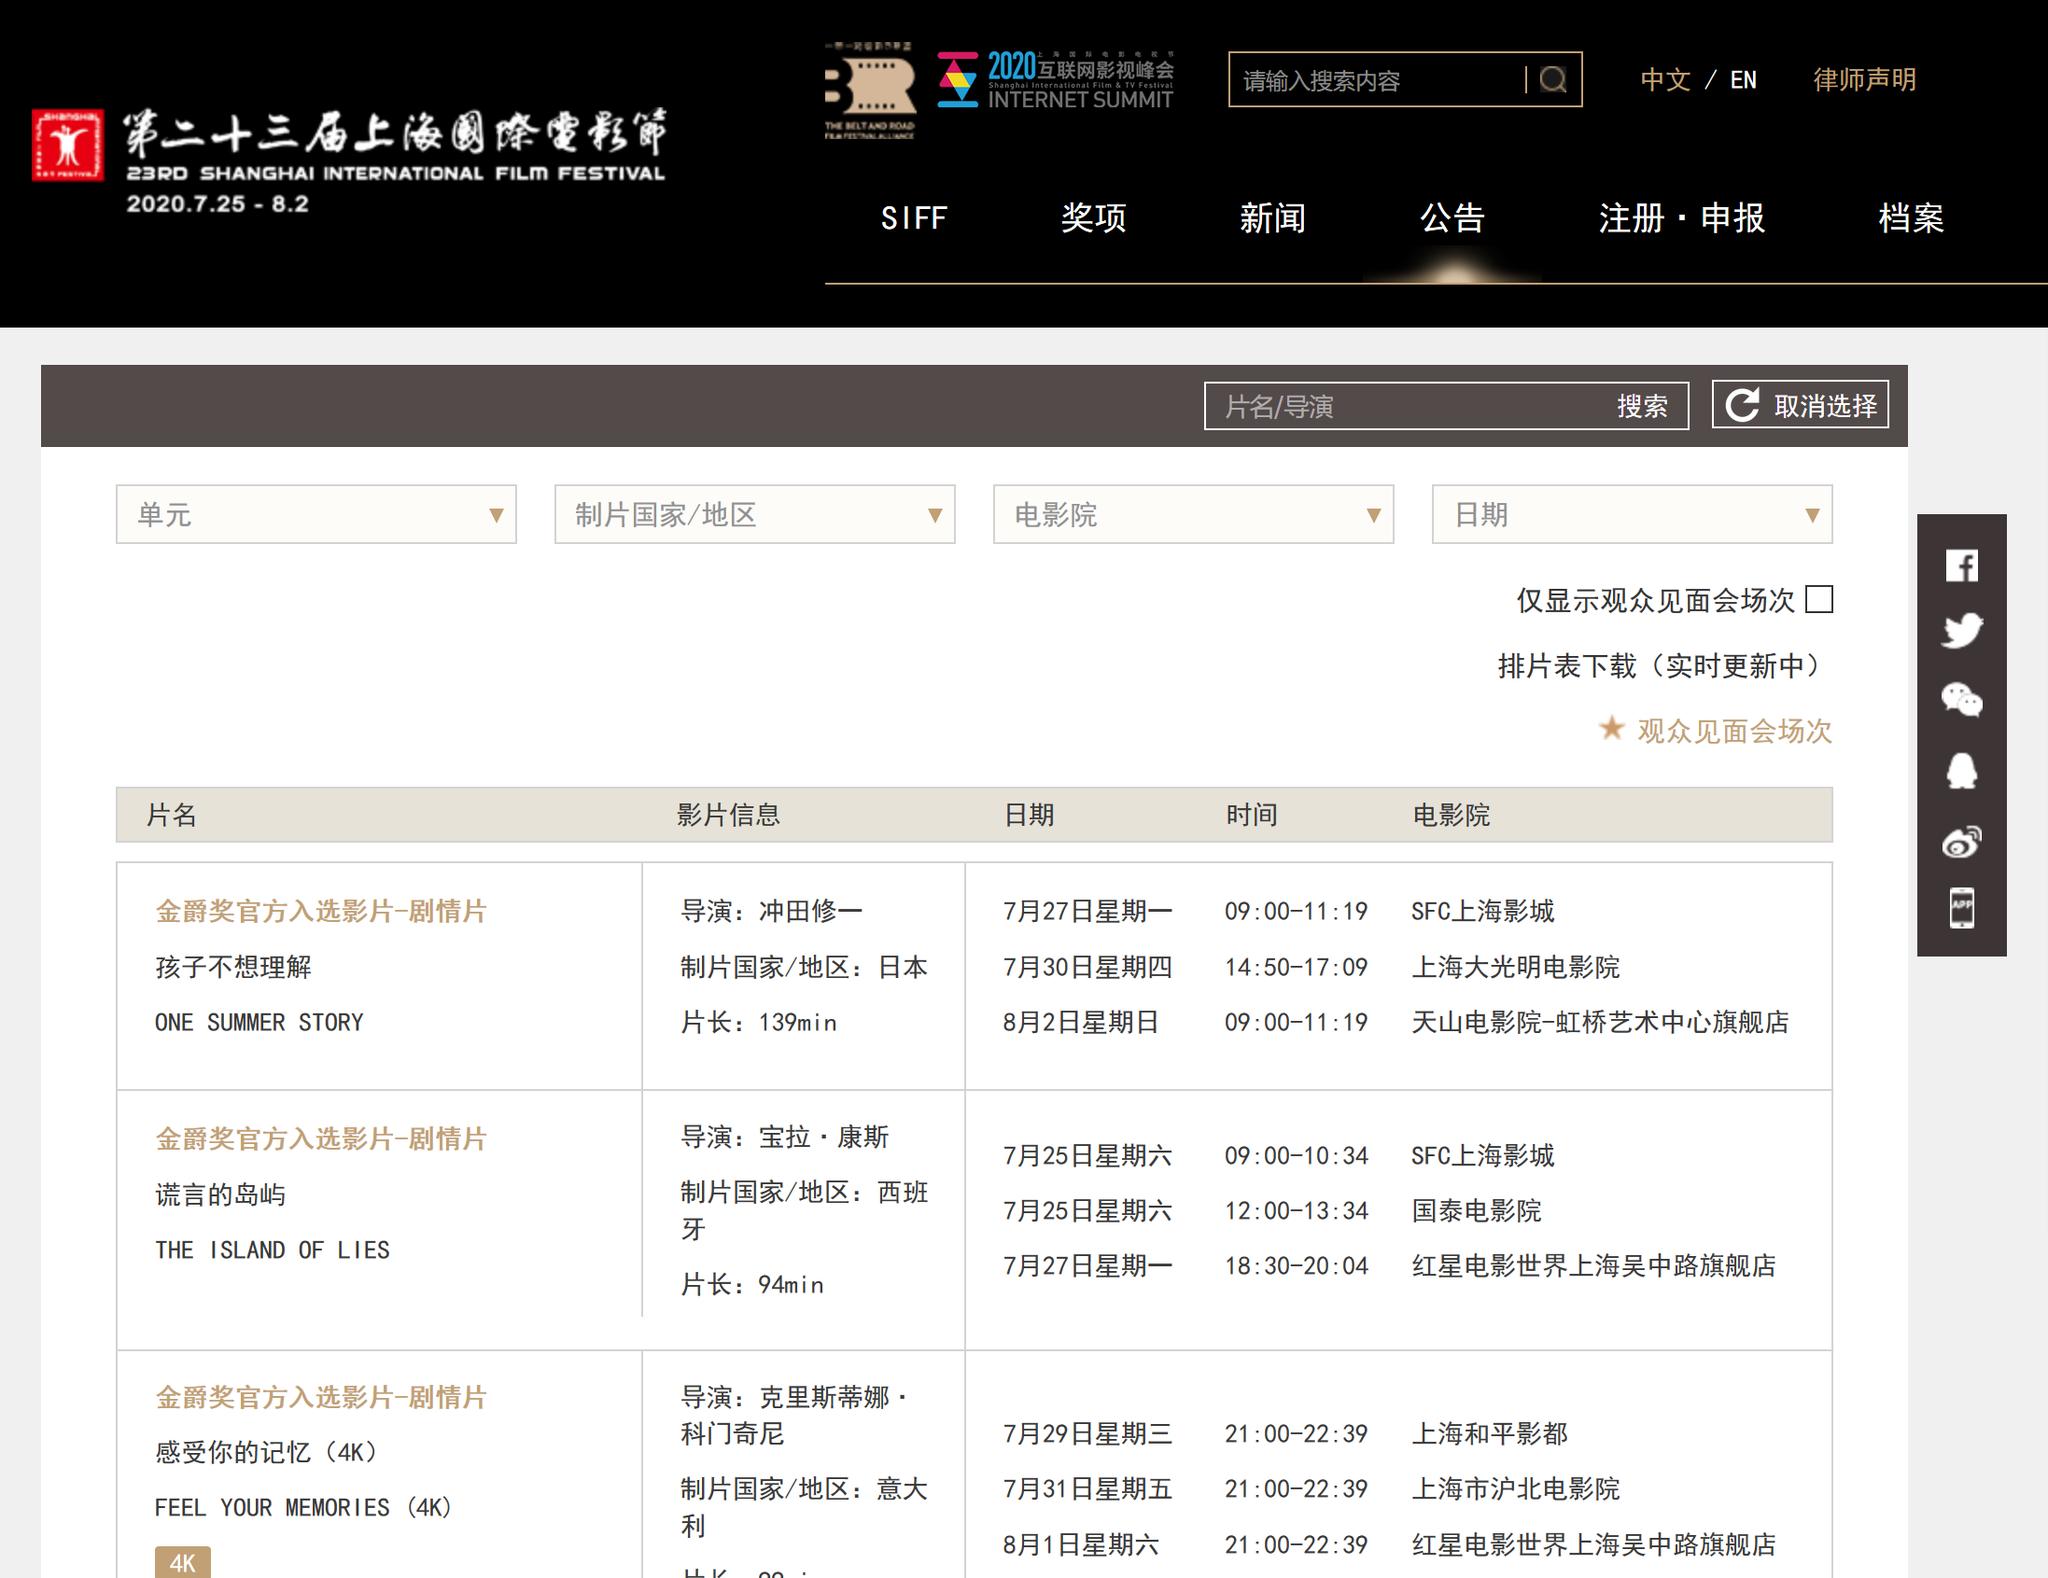 电影节官网的排片表截图